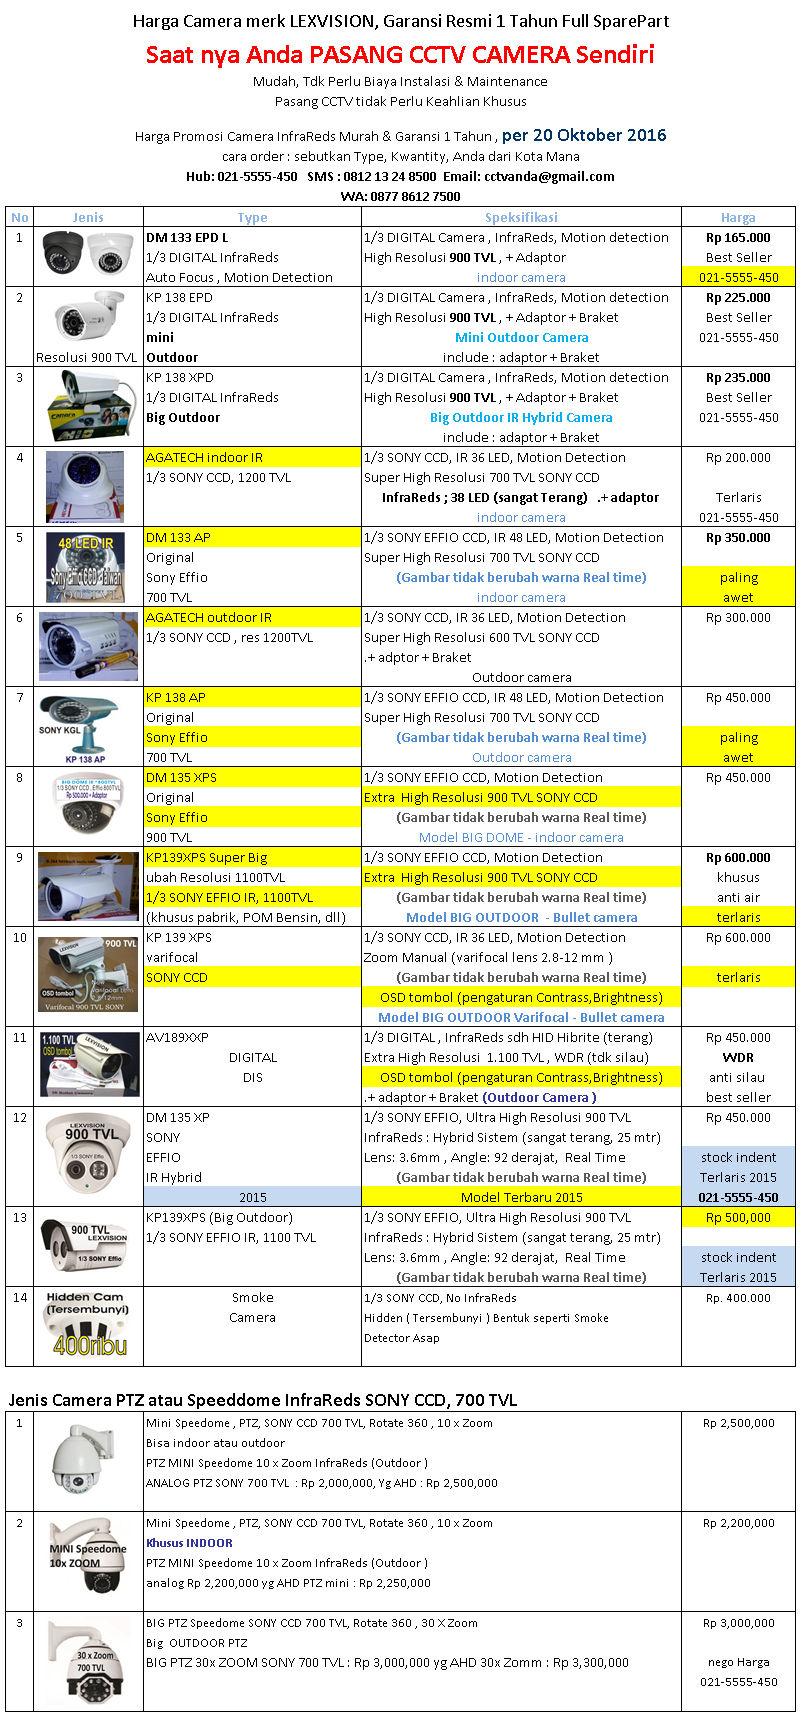 Harga Satuan Camera CCTV Lexvision Per 20 Oktober 2016 - Avtech Jakarta